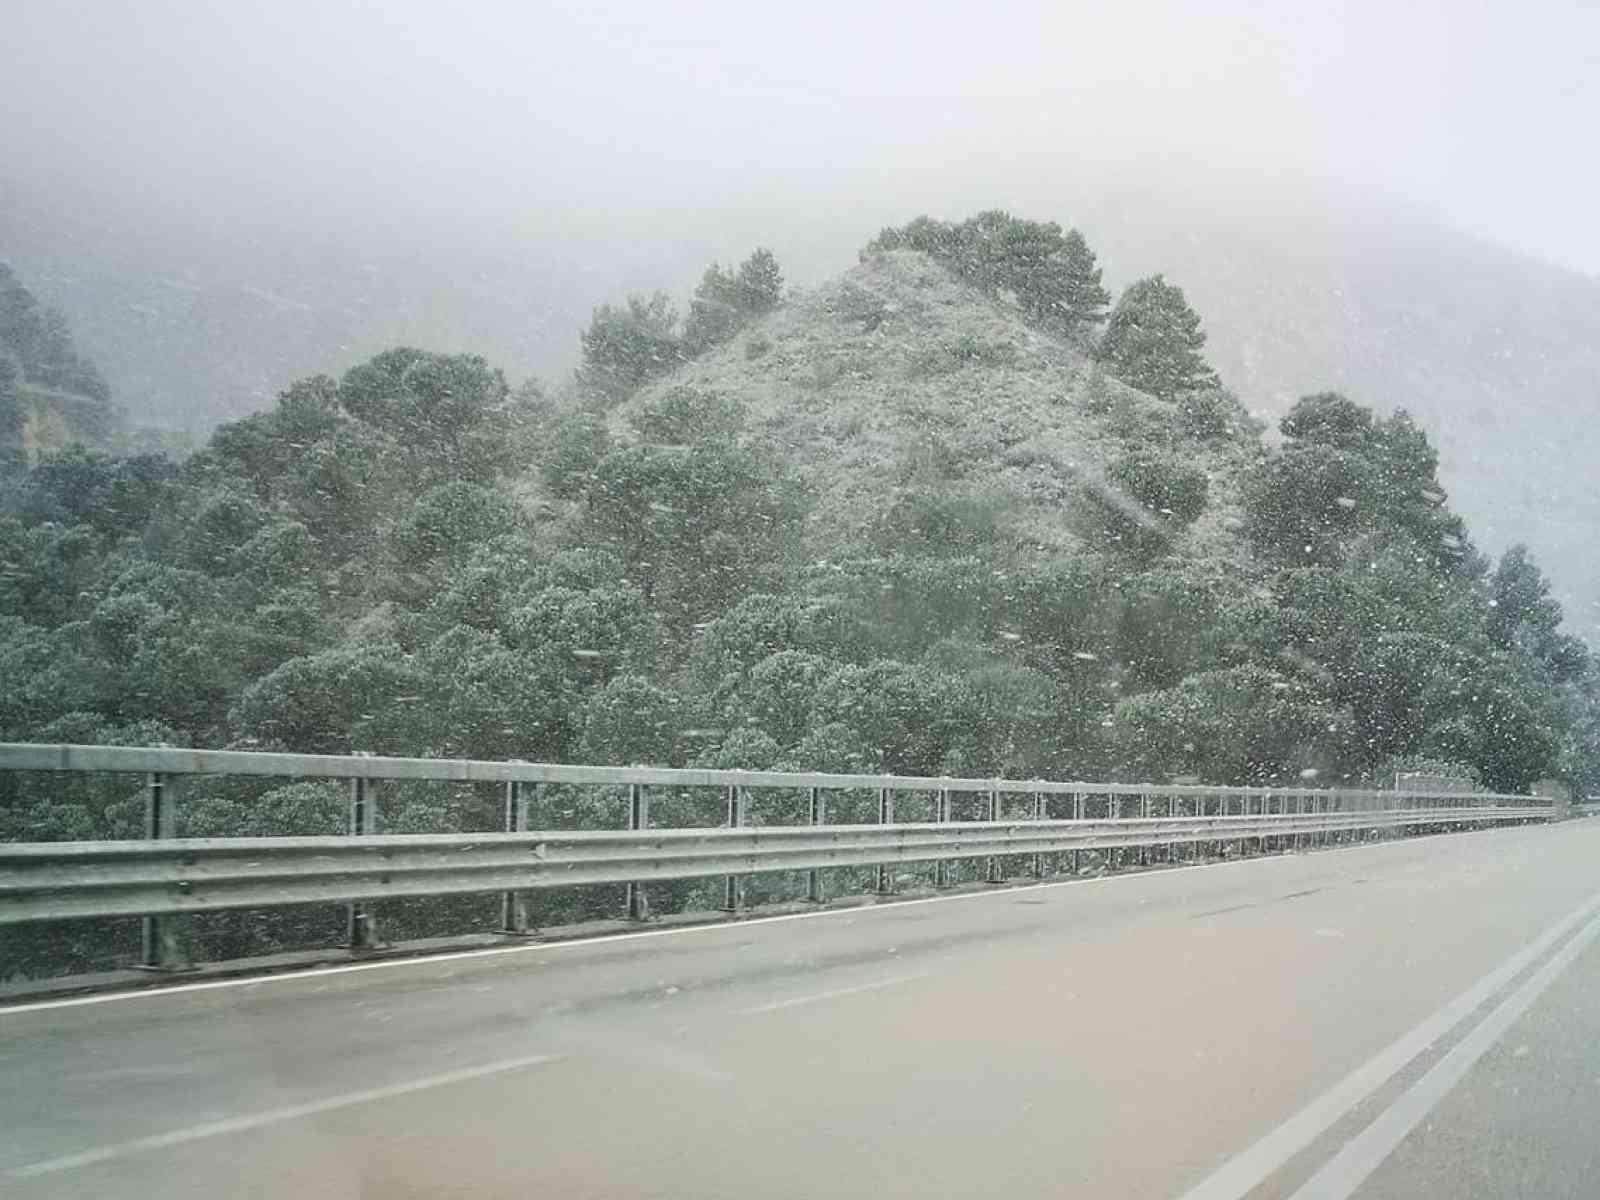 Immagine articolo: Temperature in calo e neve sulla Fondovalle, Palermo - Sciacca